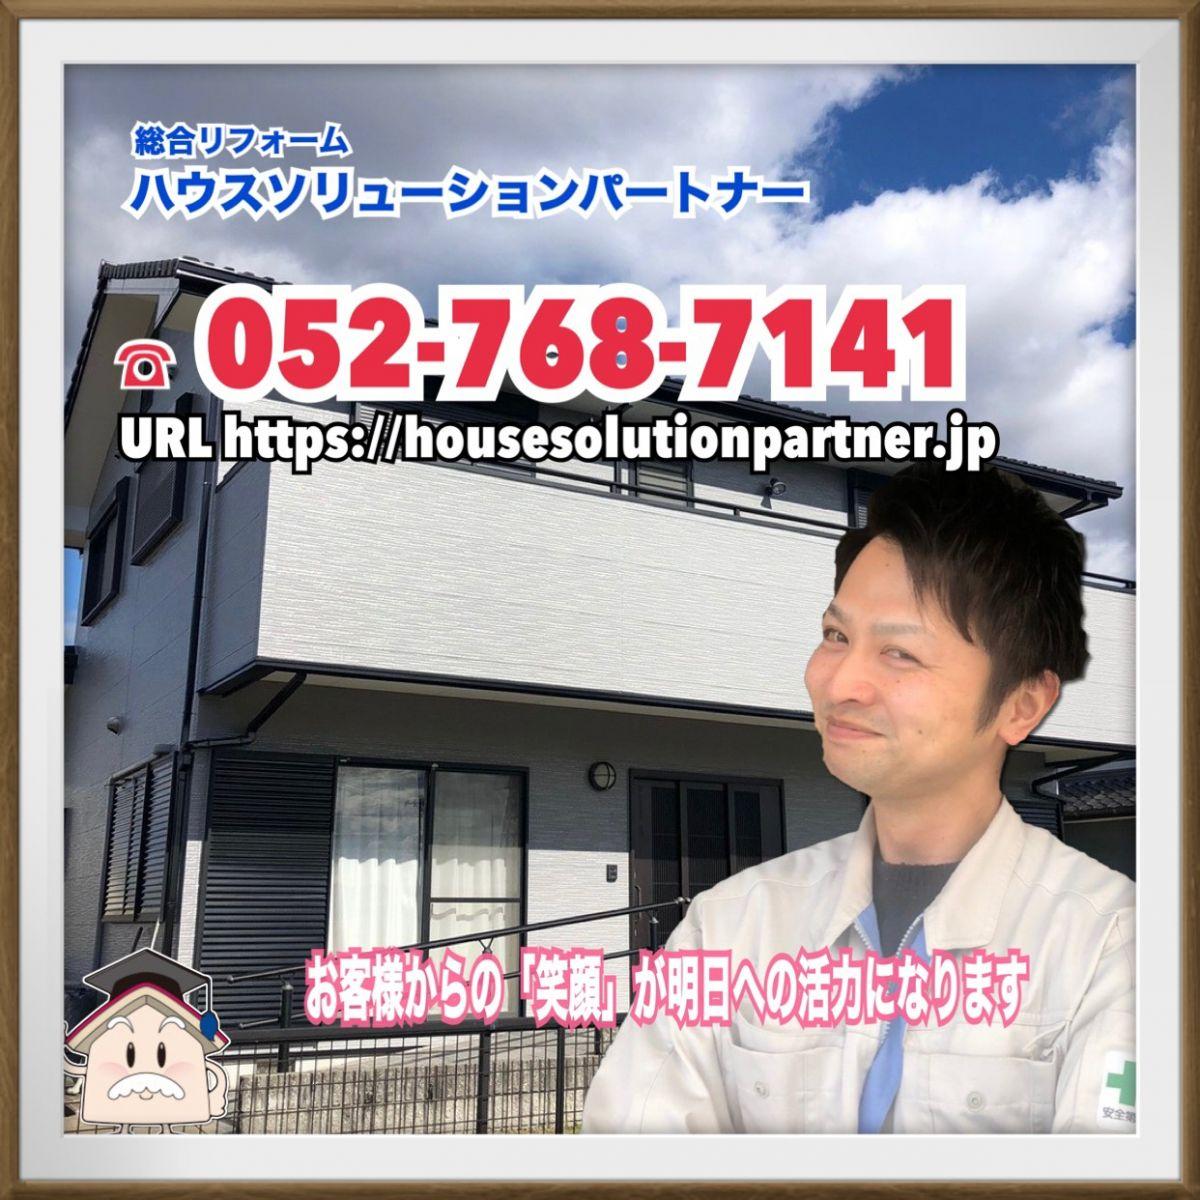 jirei_image53053